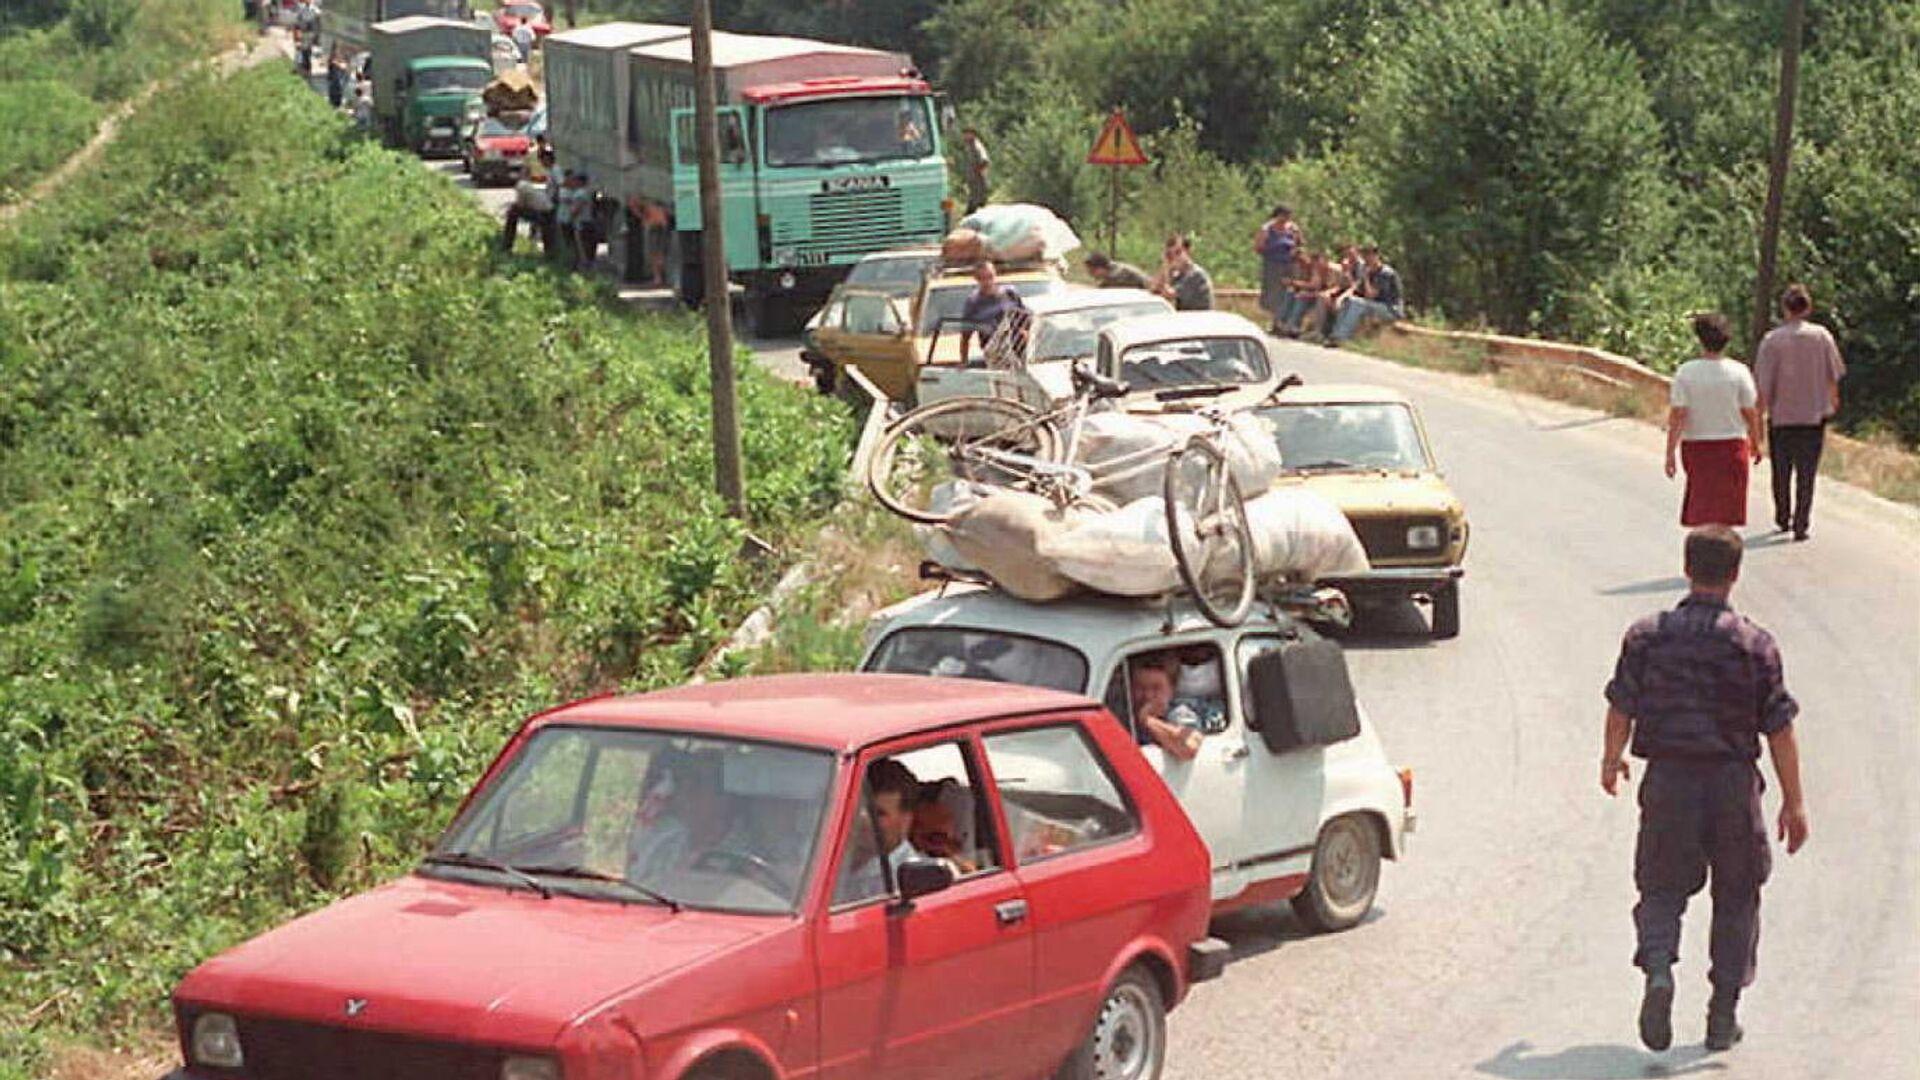 Избеглице напуштају Хрватску 1995. године  - Sputnik Србија, 1920, 07.08.2021